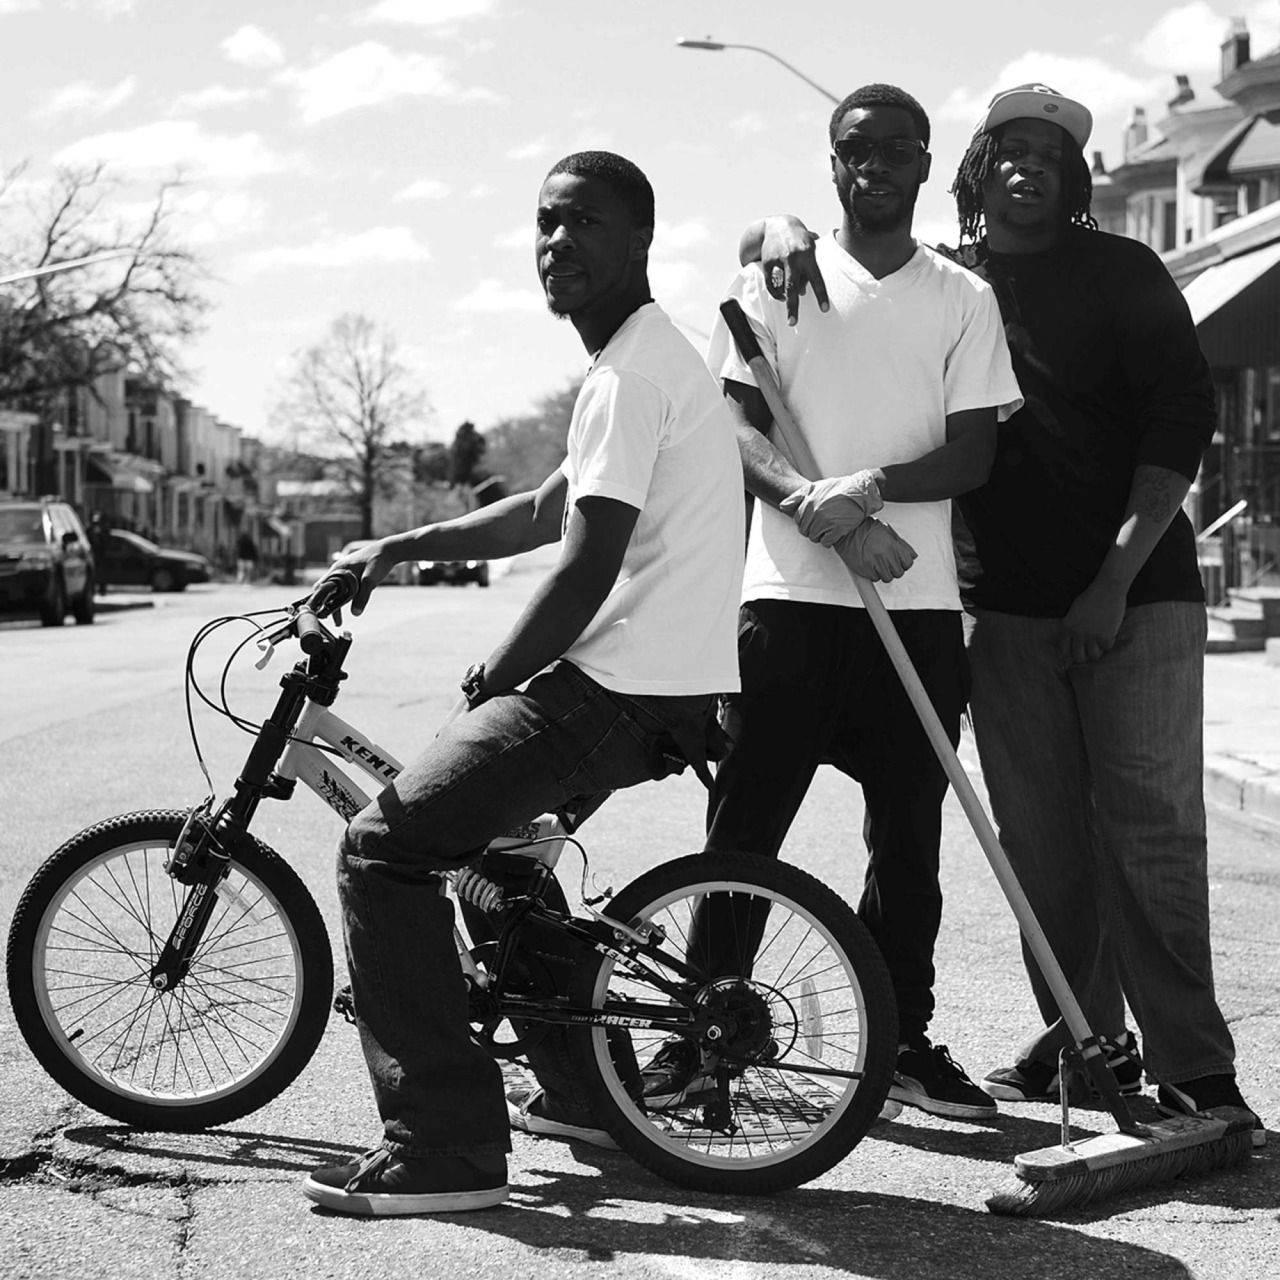 Горячие-и-горящие-фото-из-Балтимора-18